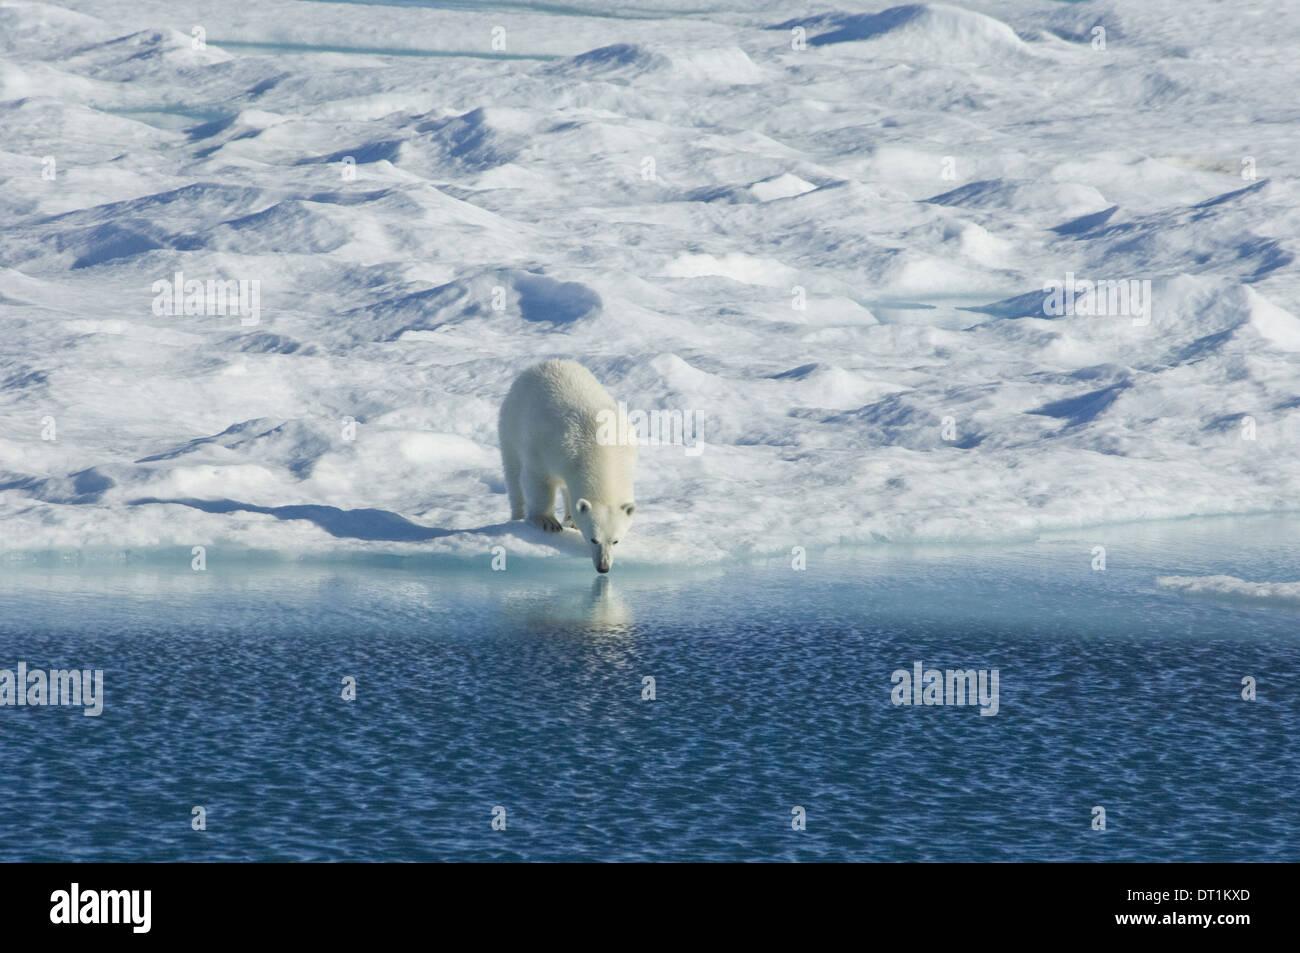 Orso polare nel selvaggio un potente predatore e un vulnerabili o potenzialmente le specie in via di estinzione Immagini Stock